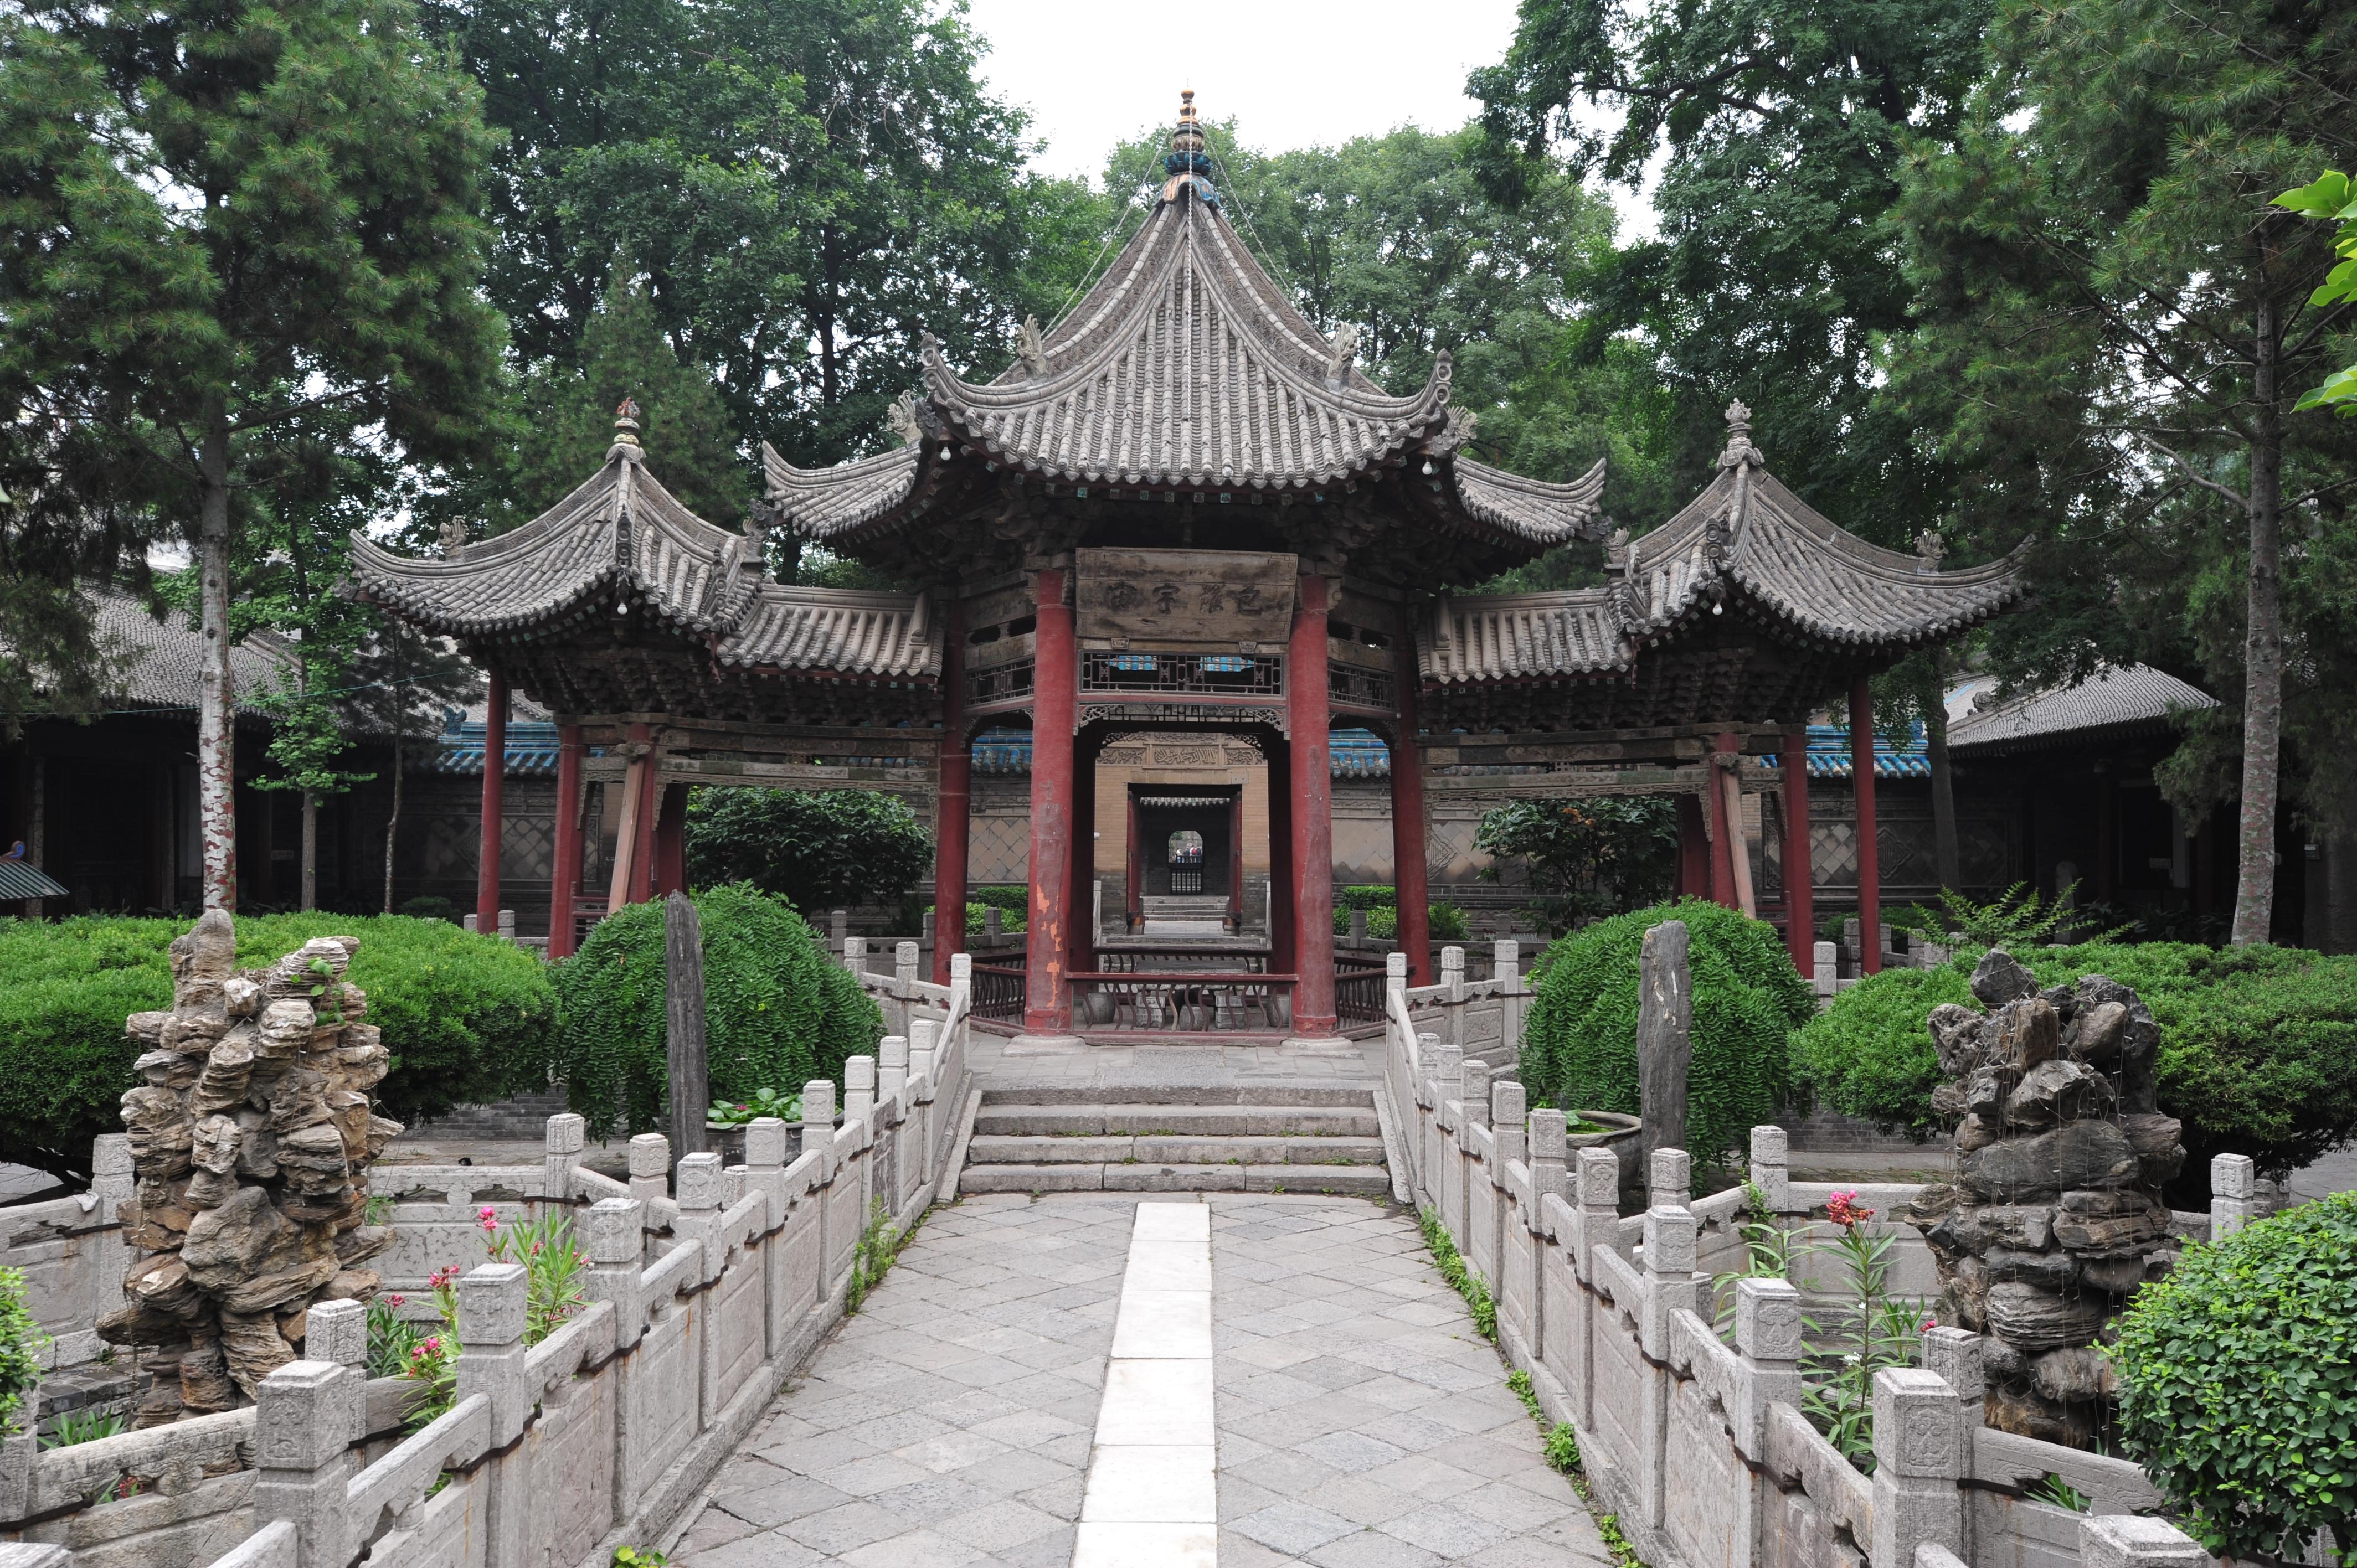 File:1 great mosque xian 2011.JPG - Wikimedia Commons